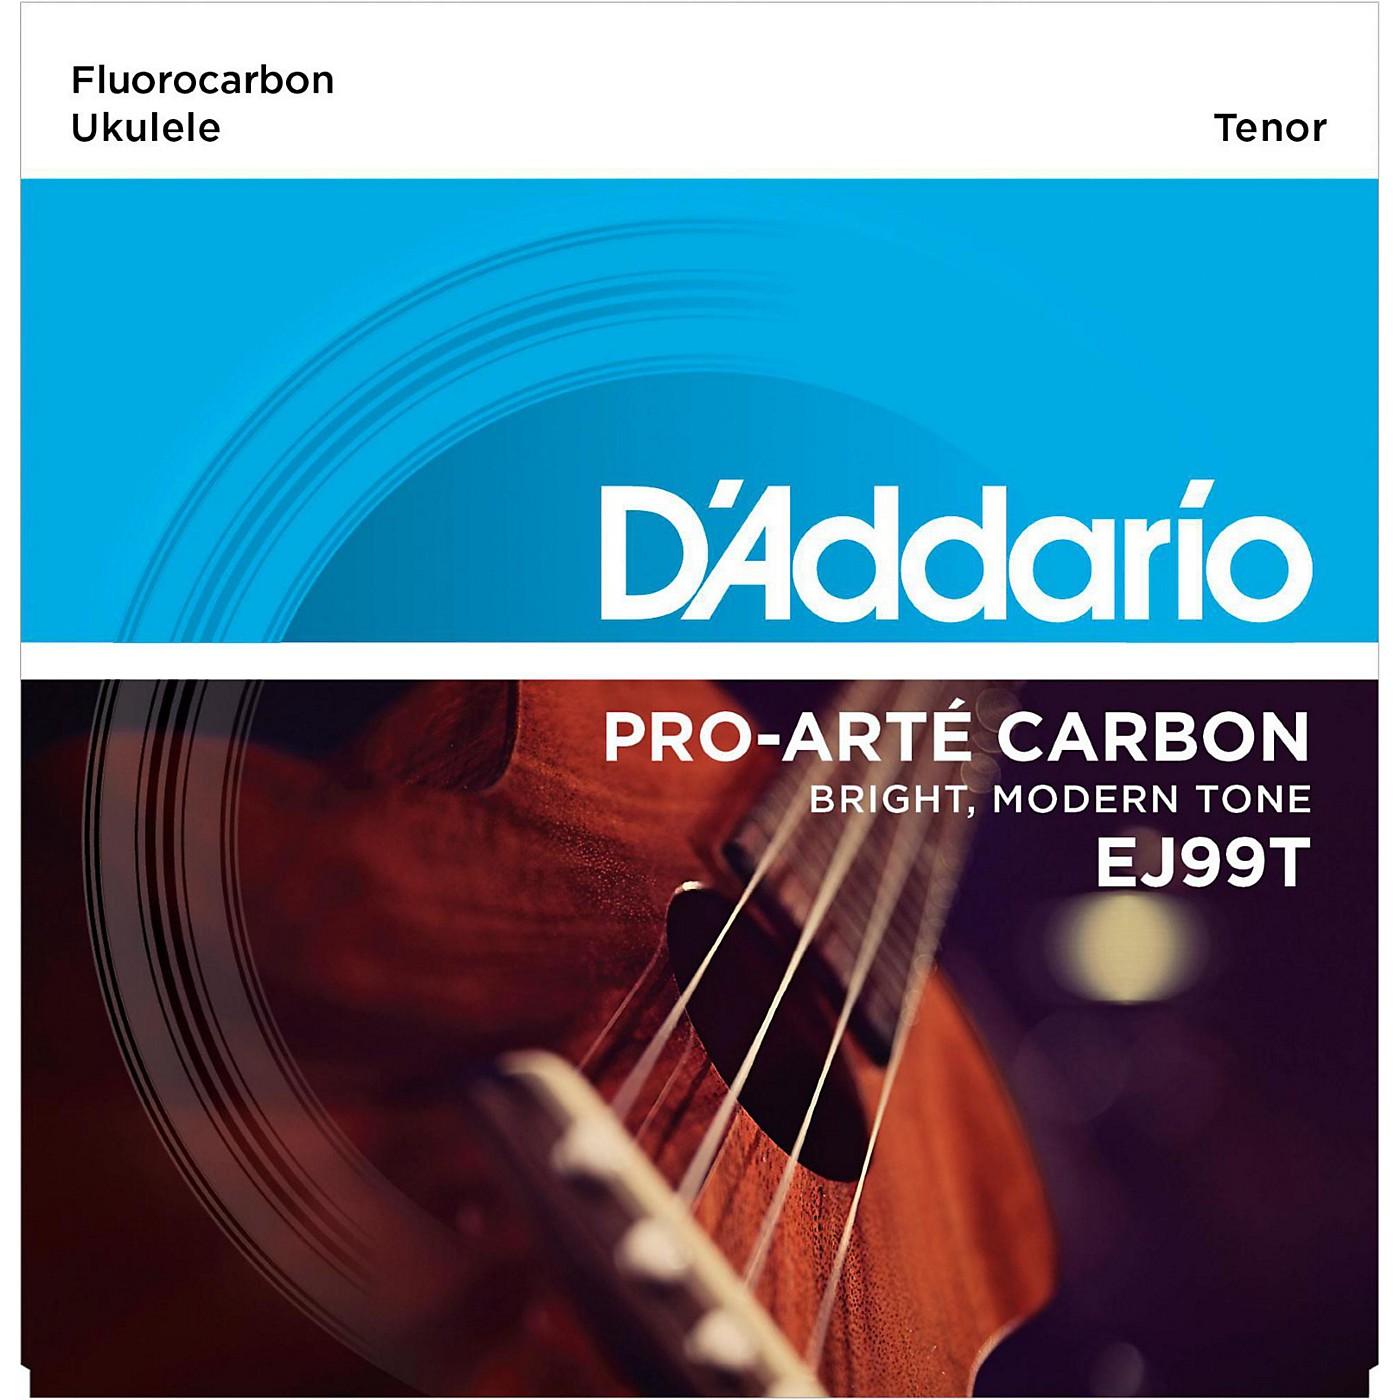 D'Addario EJ99T Pro-Arte Carbon Tenor Ukulele Strings thumbnail